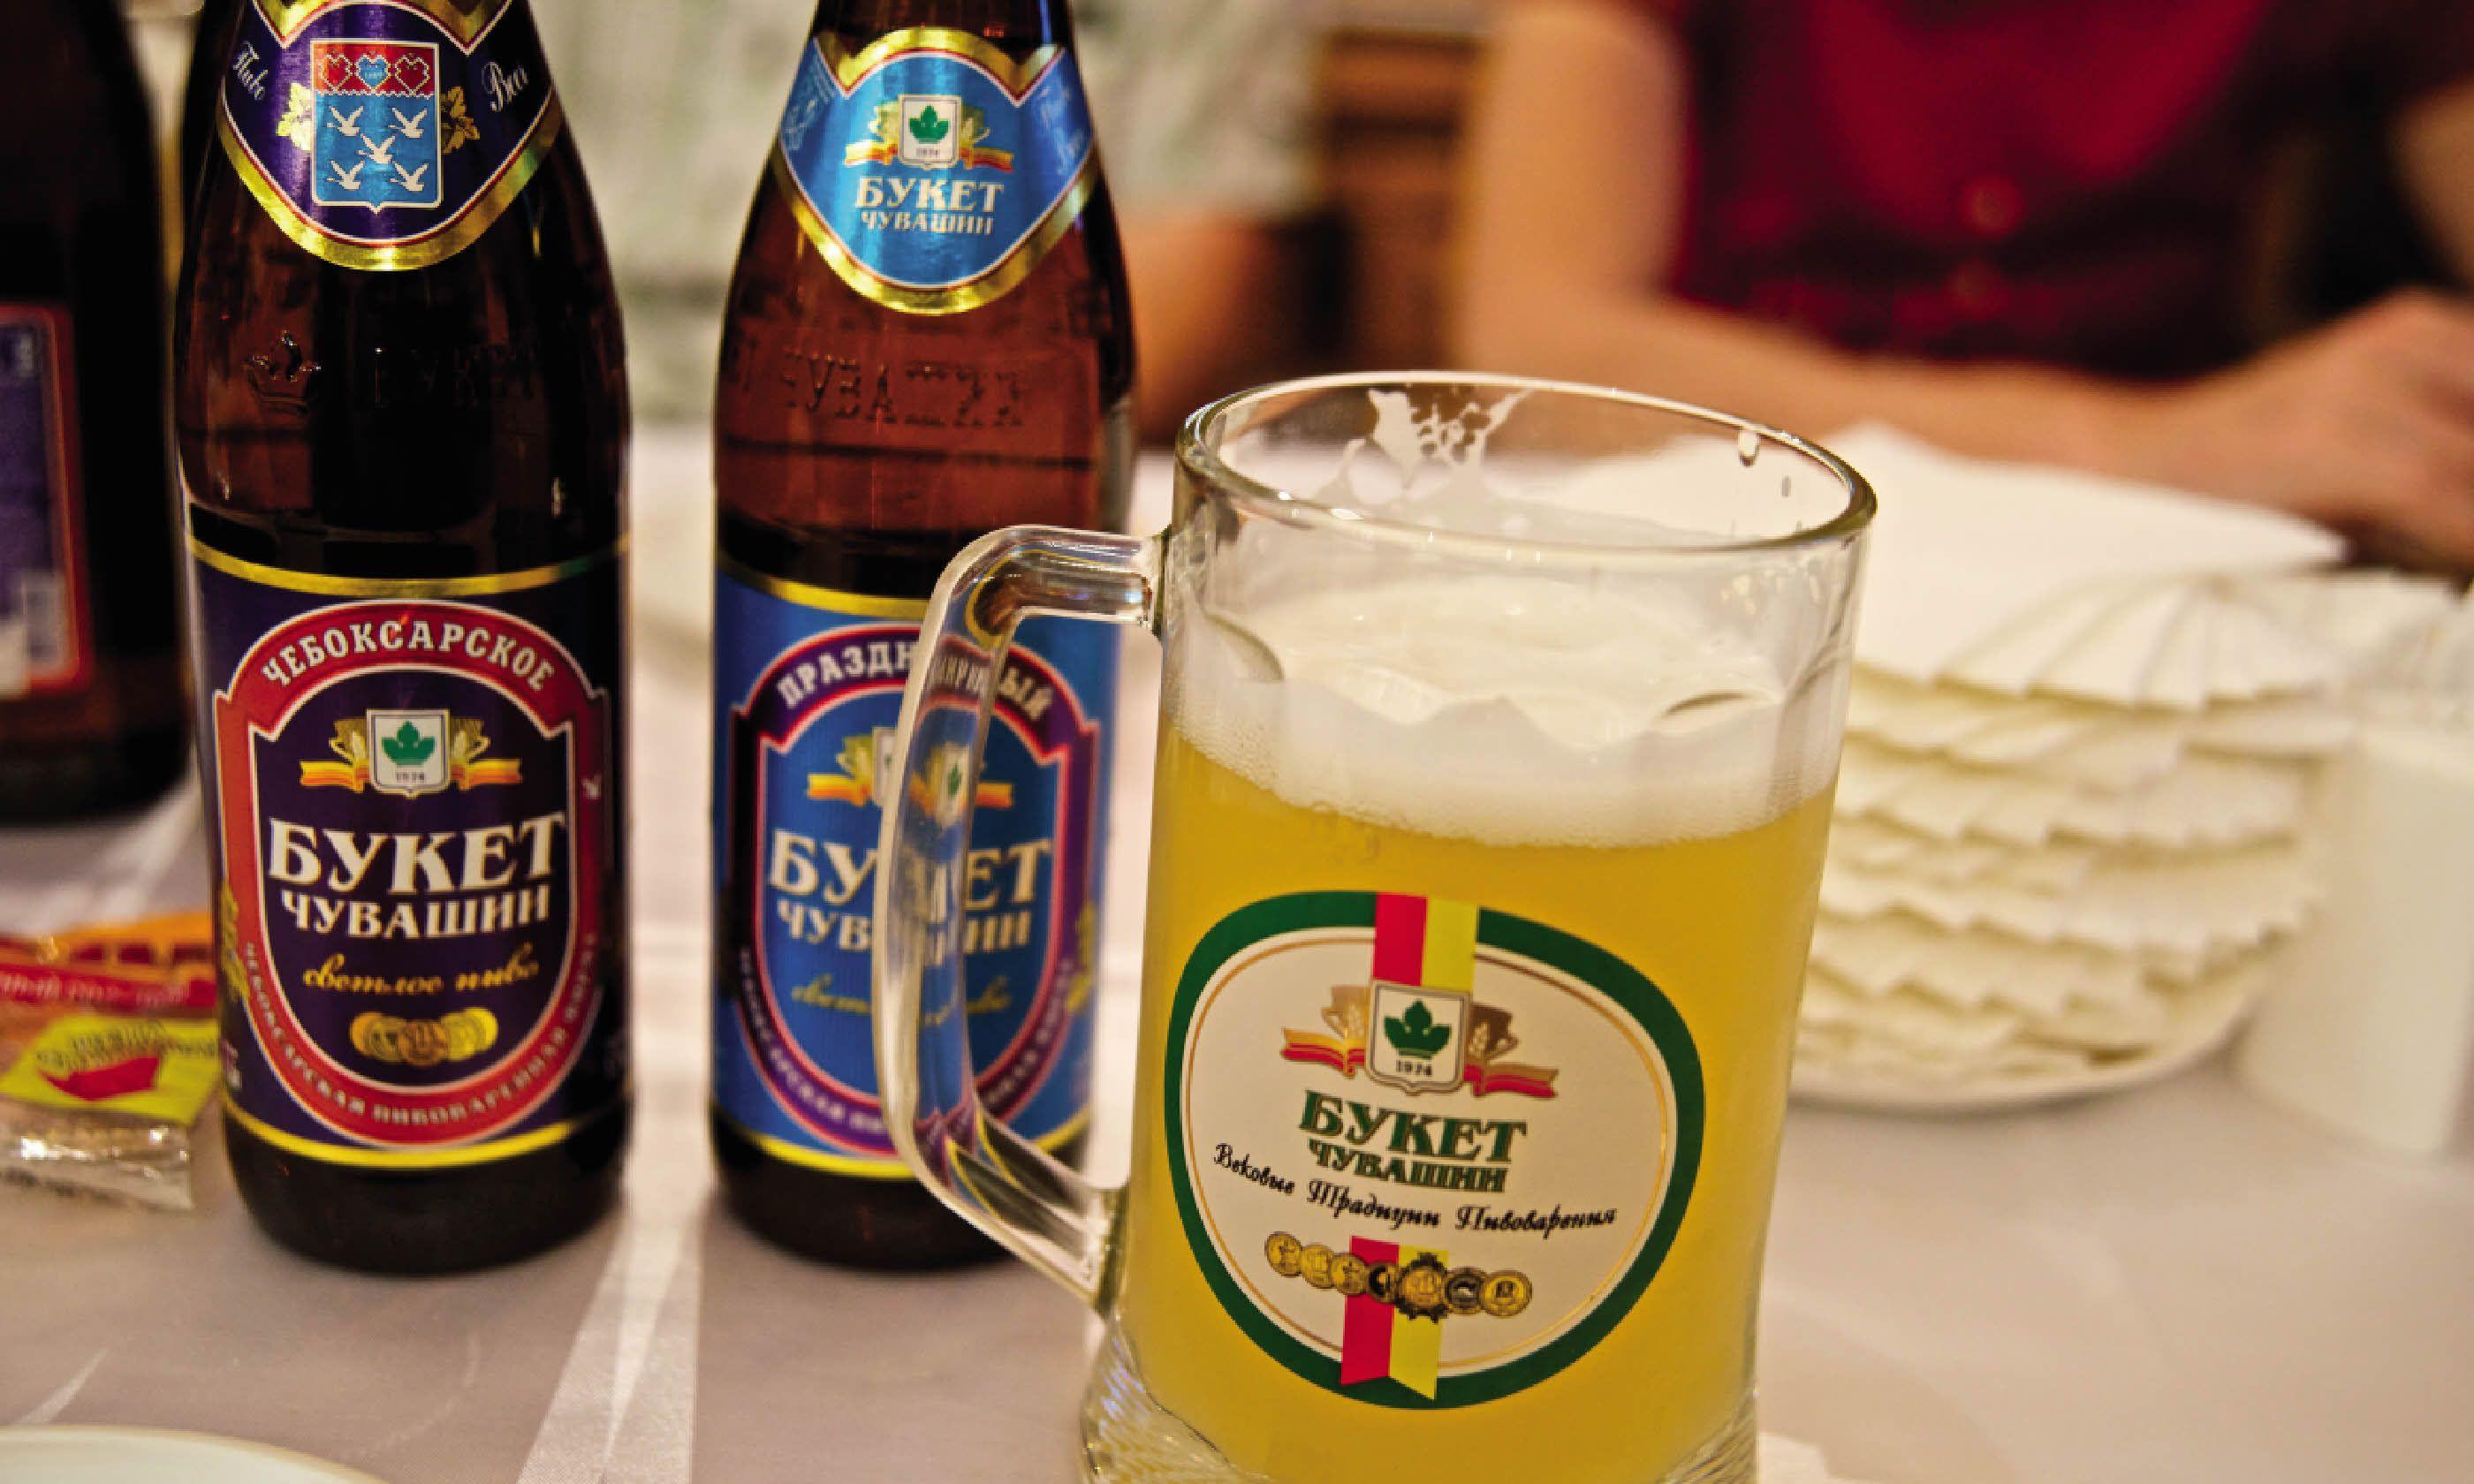 Sampling the beers in Chuvashia